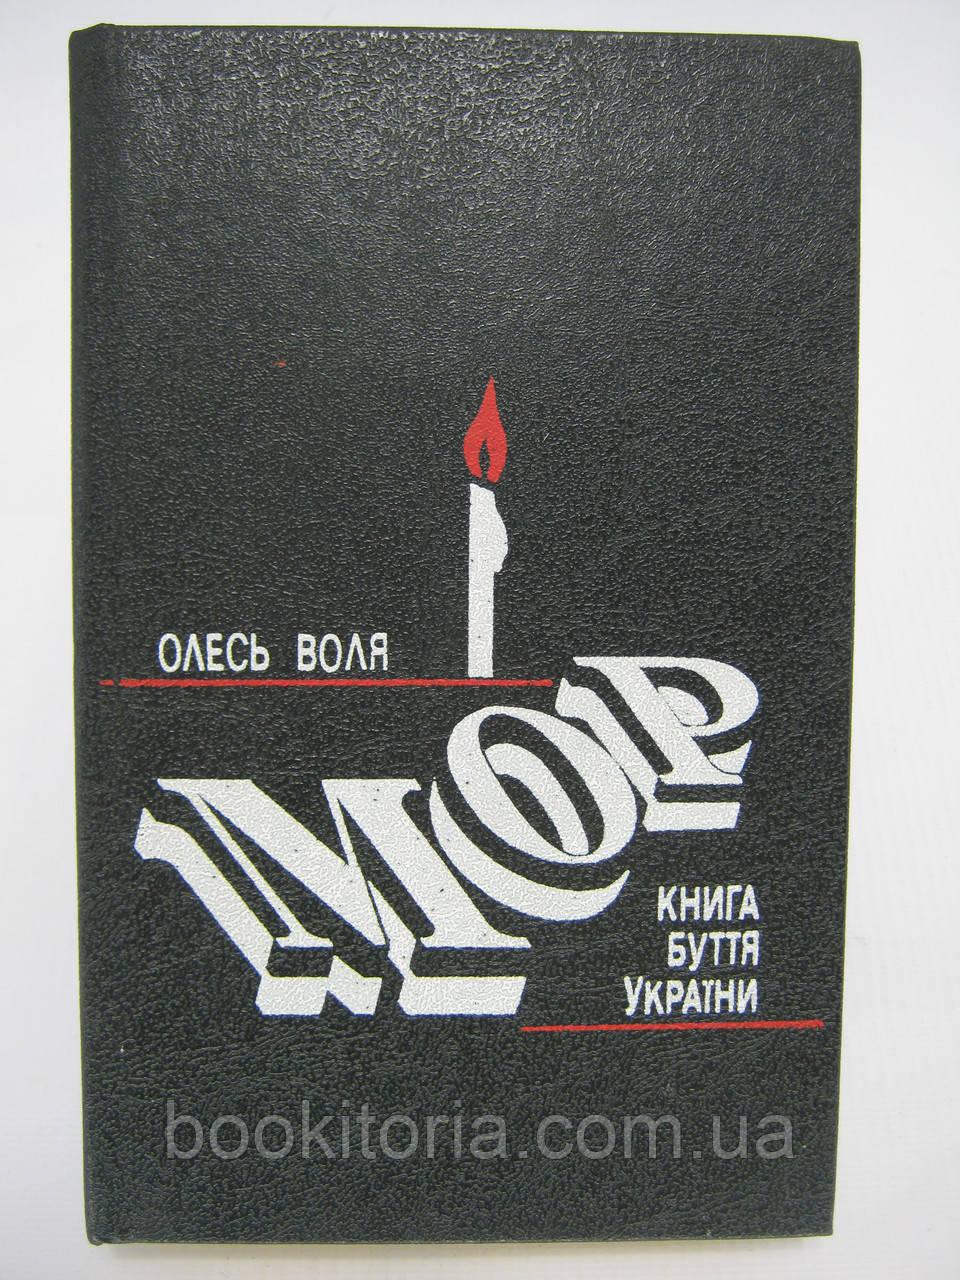 Воля О. Мор. Книга буття України (б/у).